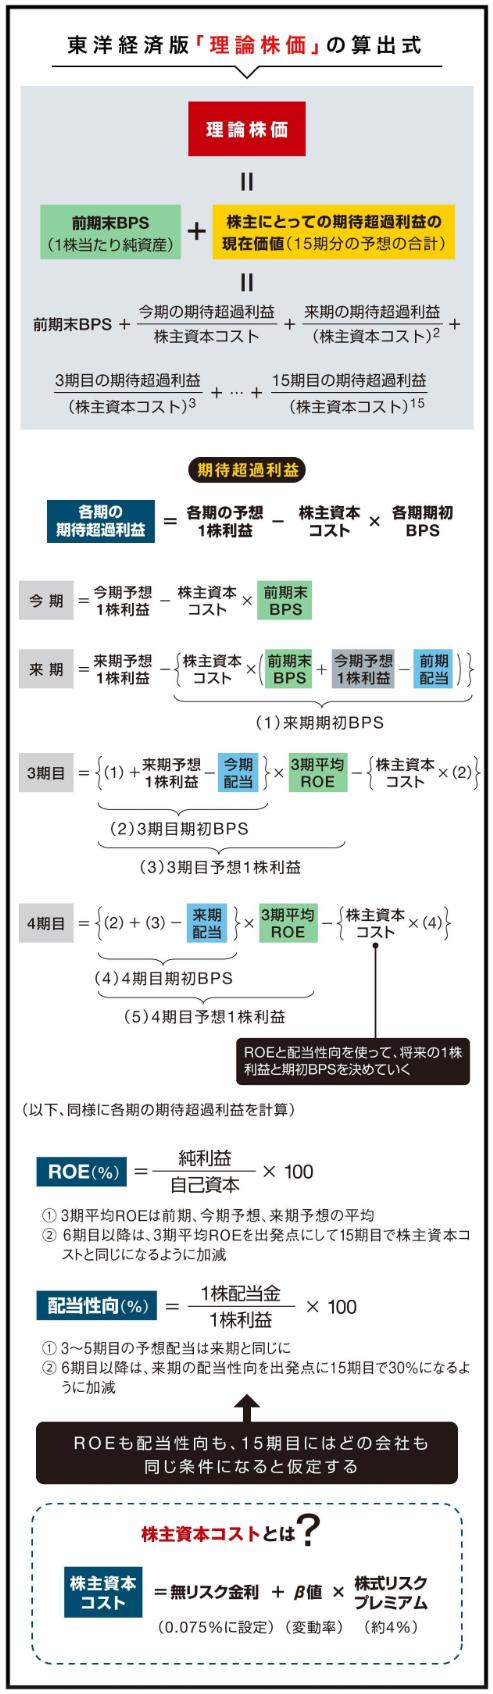 東洋経済の理論株価の計算方法